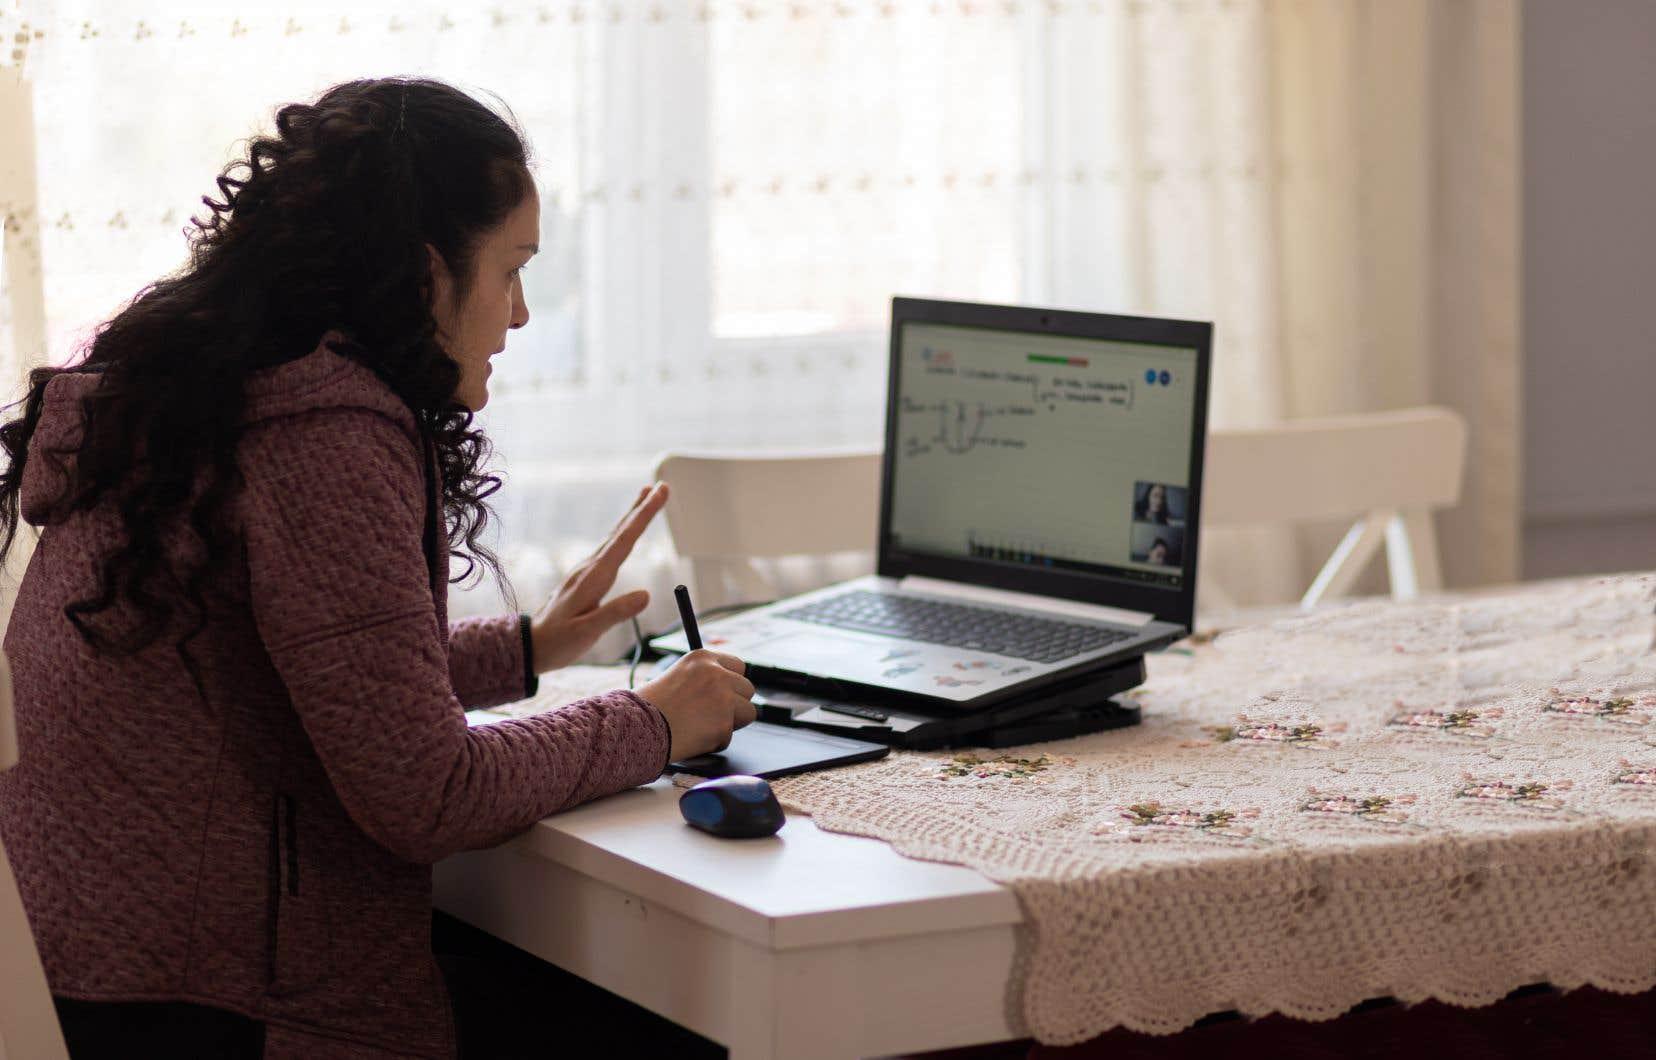 Avec le report des périodes de confinement, trop de gens s'habituent à des postes de travail qui se voulaient au départ temporaires, déplore Carol-Anne Gauthier, une chargée de cours à l'Université Laval qui donne des cours sur le télétravail.